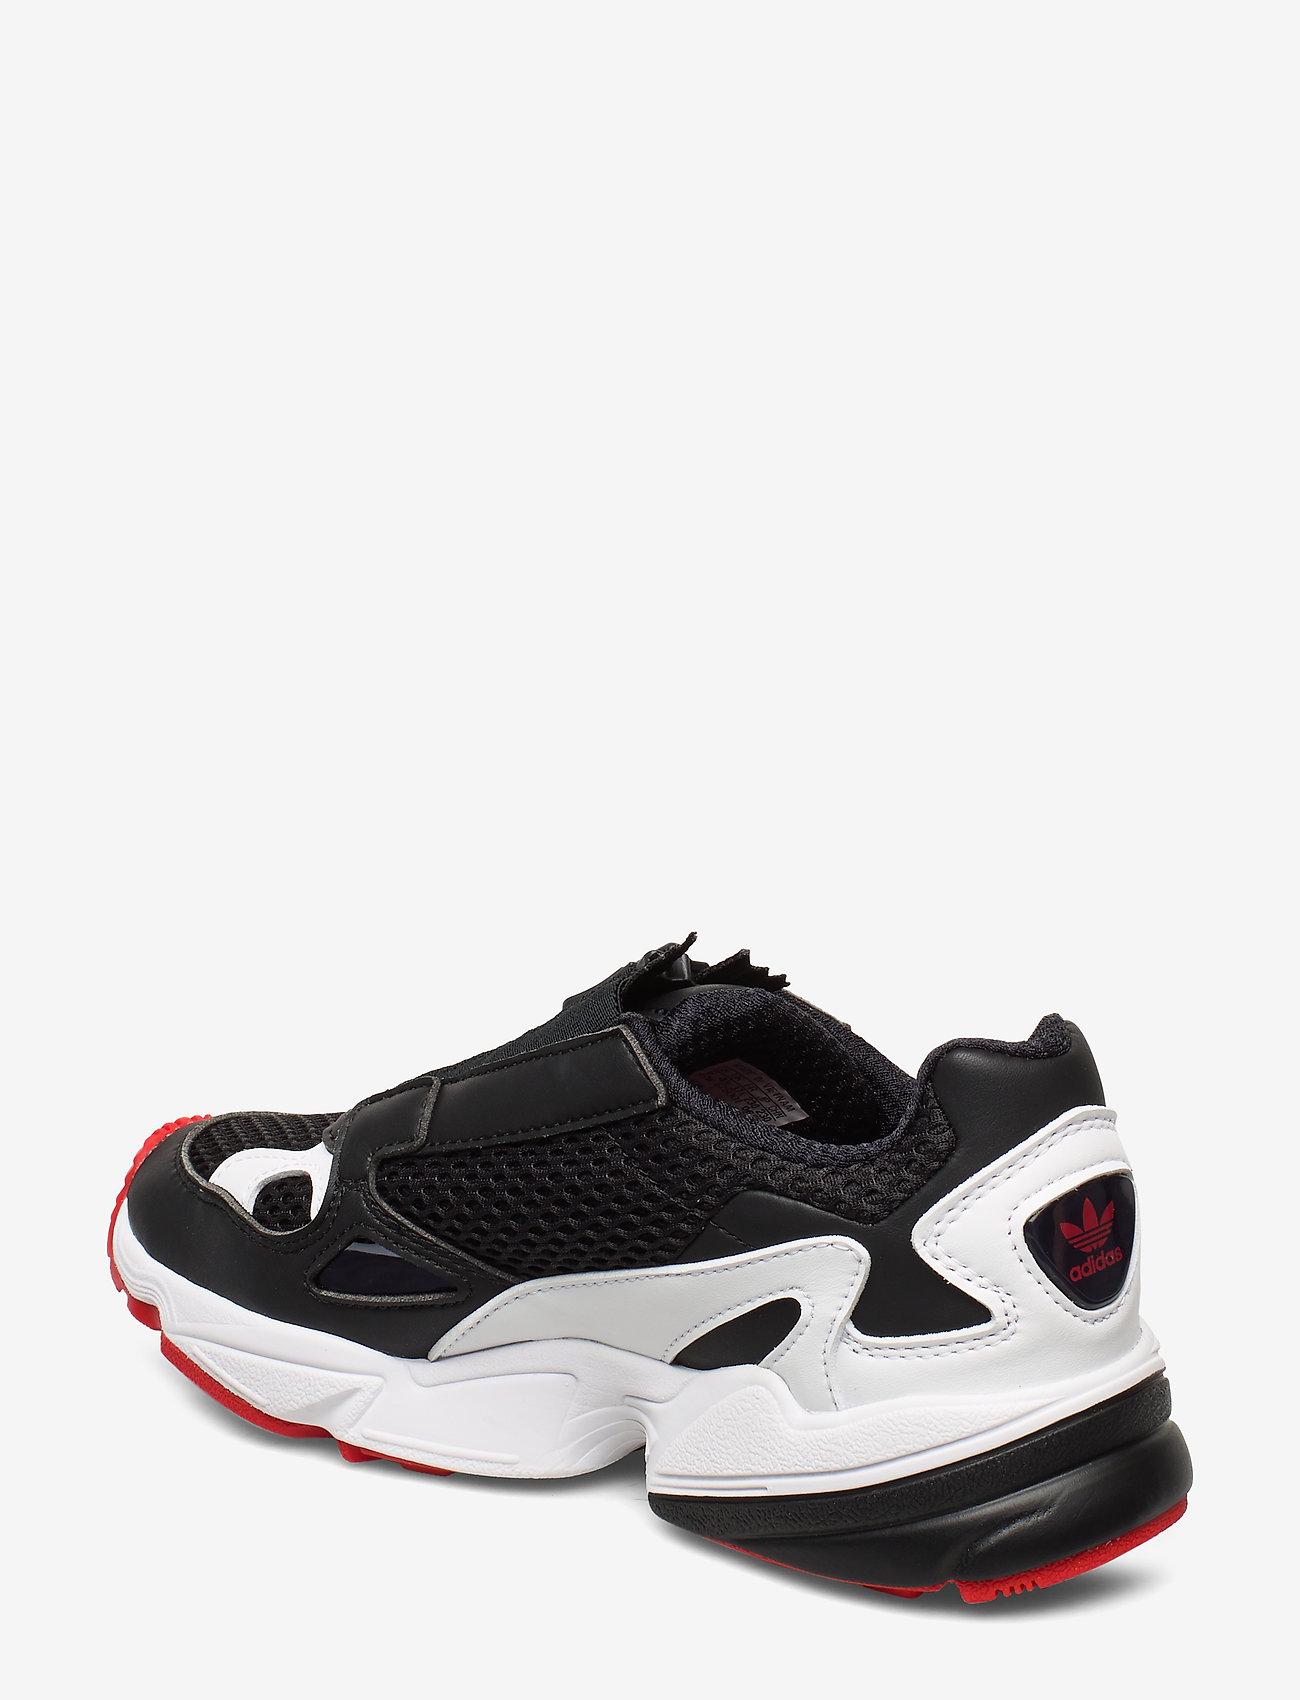 Falcon Zip W (Cblack/ftwwht/red) - adidas Originals